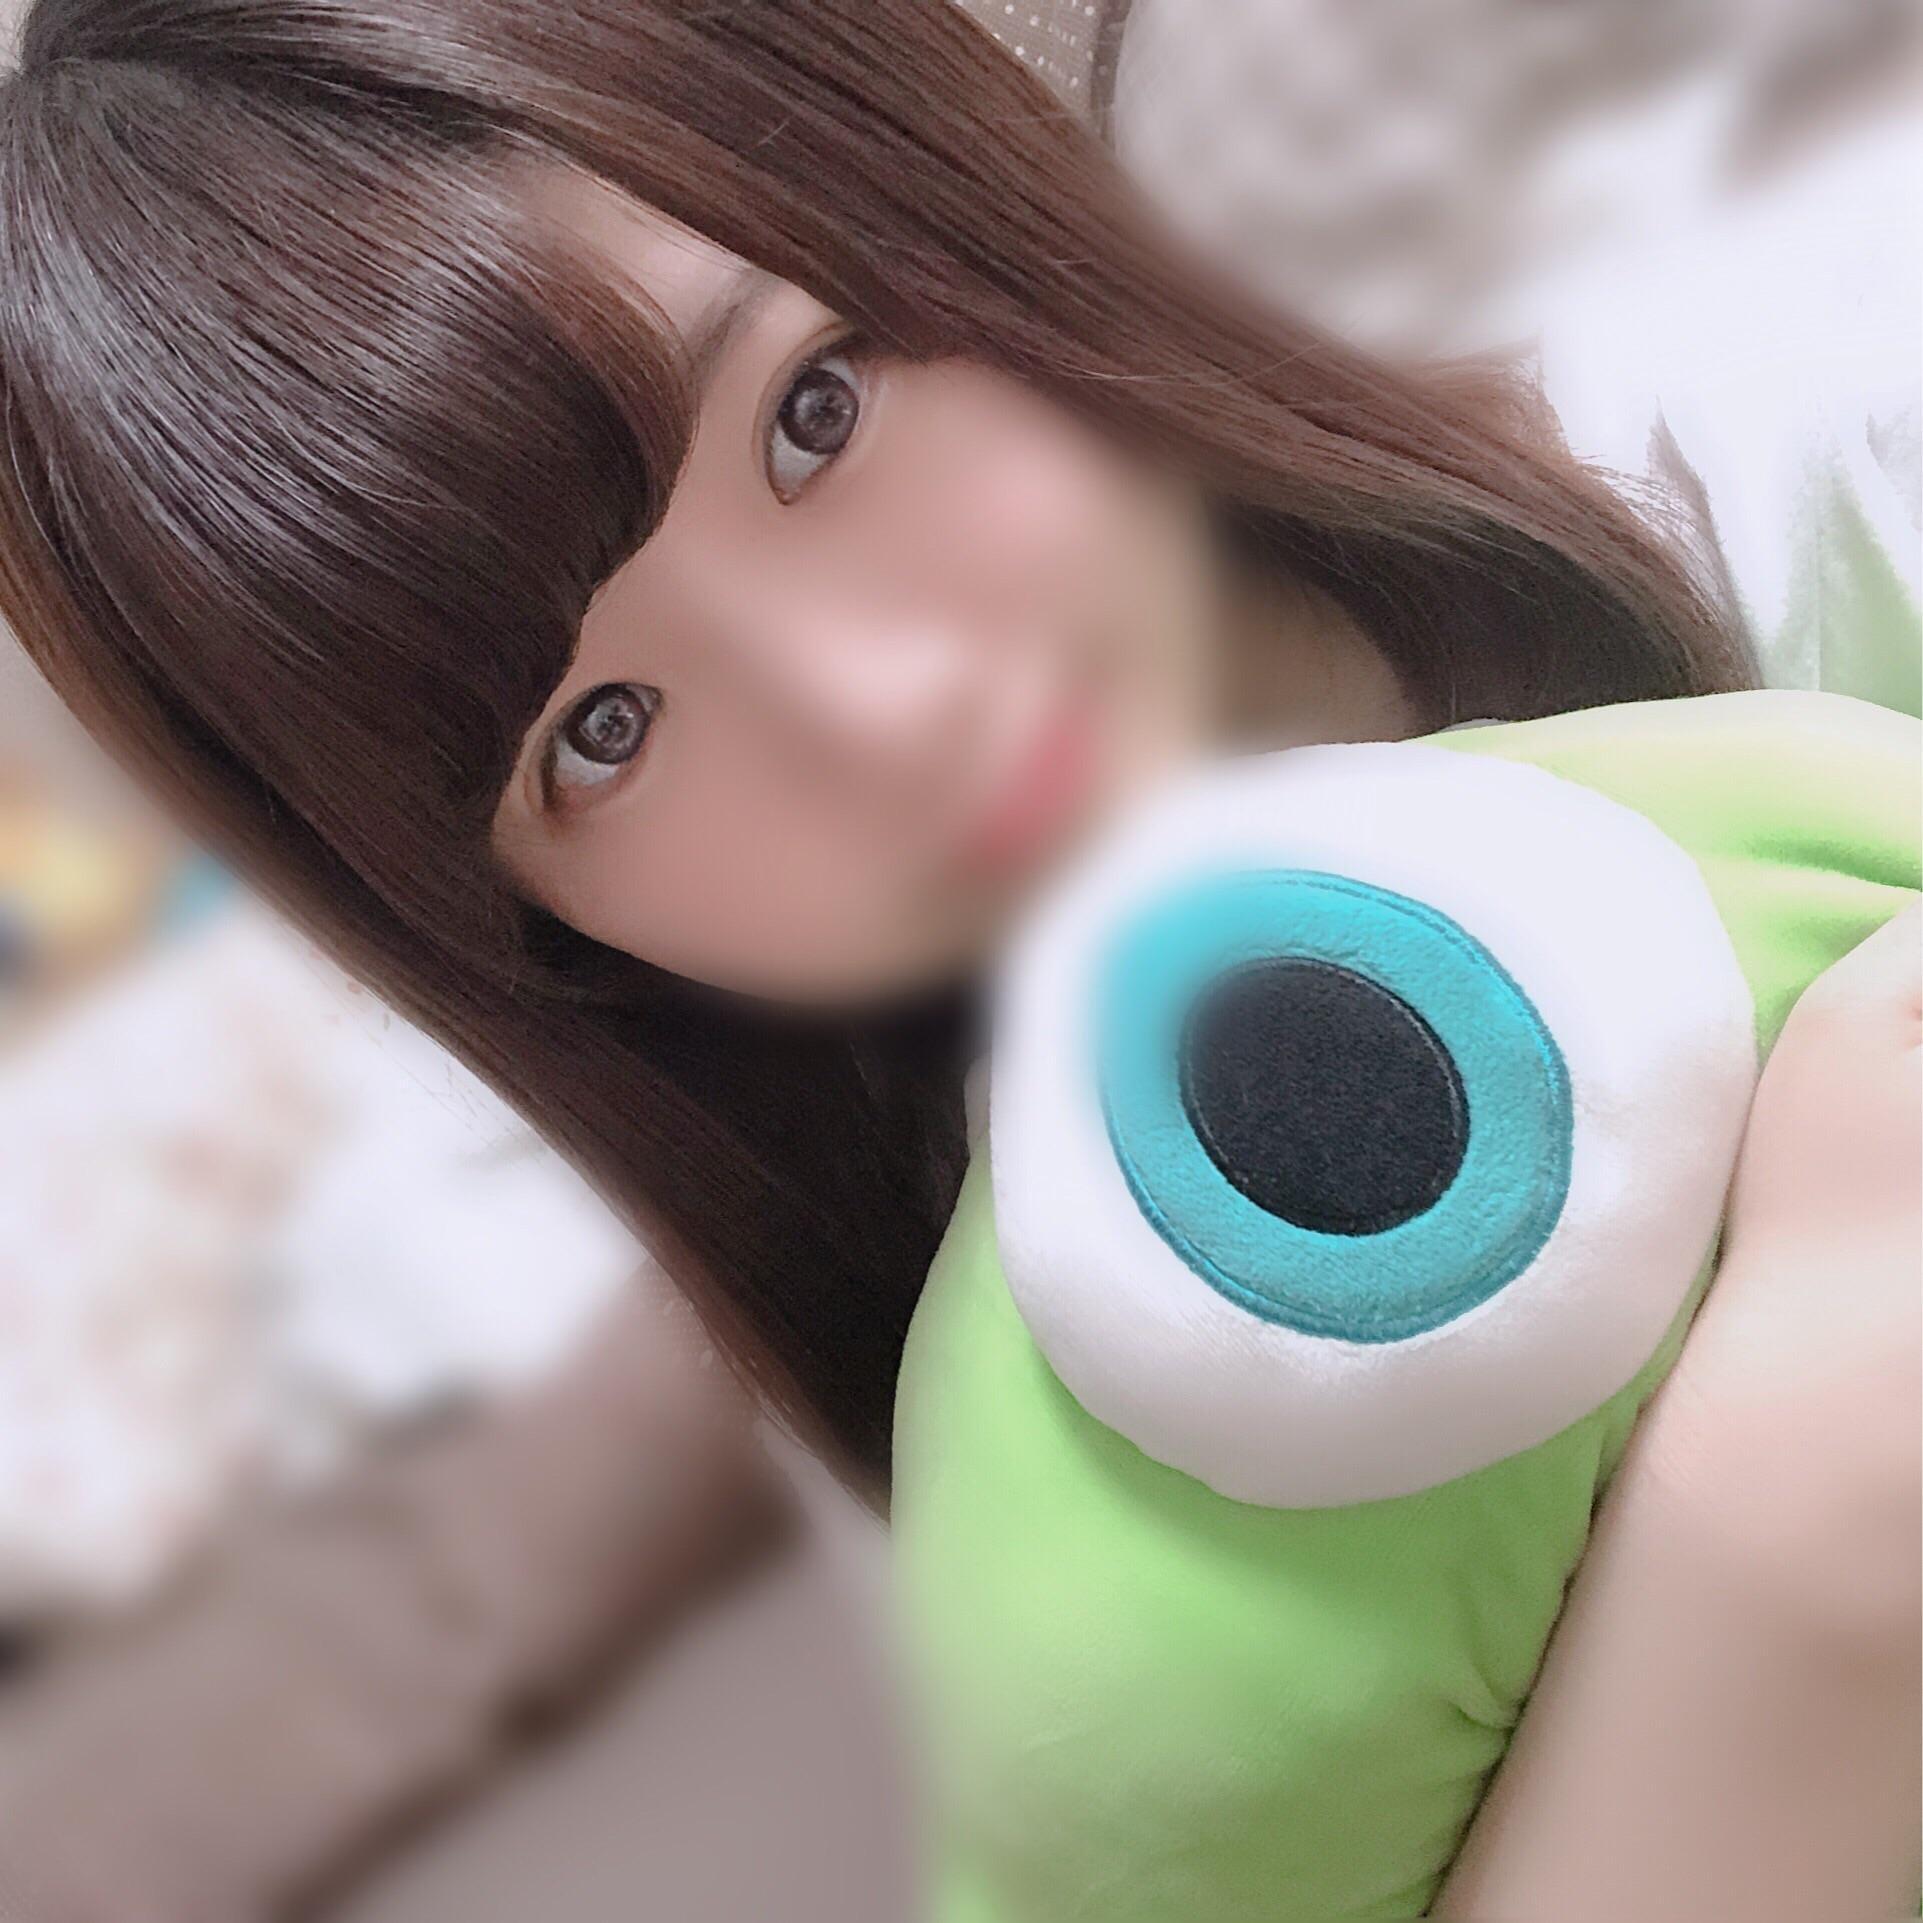 「ありがとう?」09/13(金) 03:56   みるきーの写メ・風俗動画